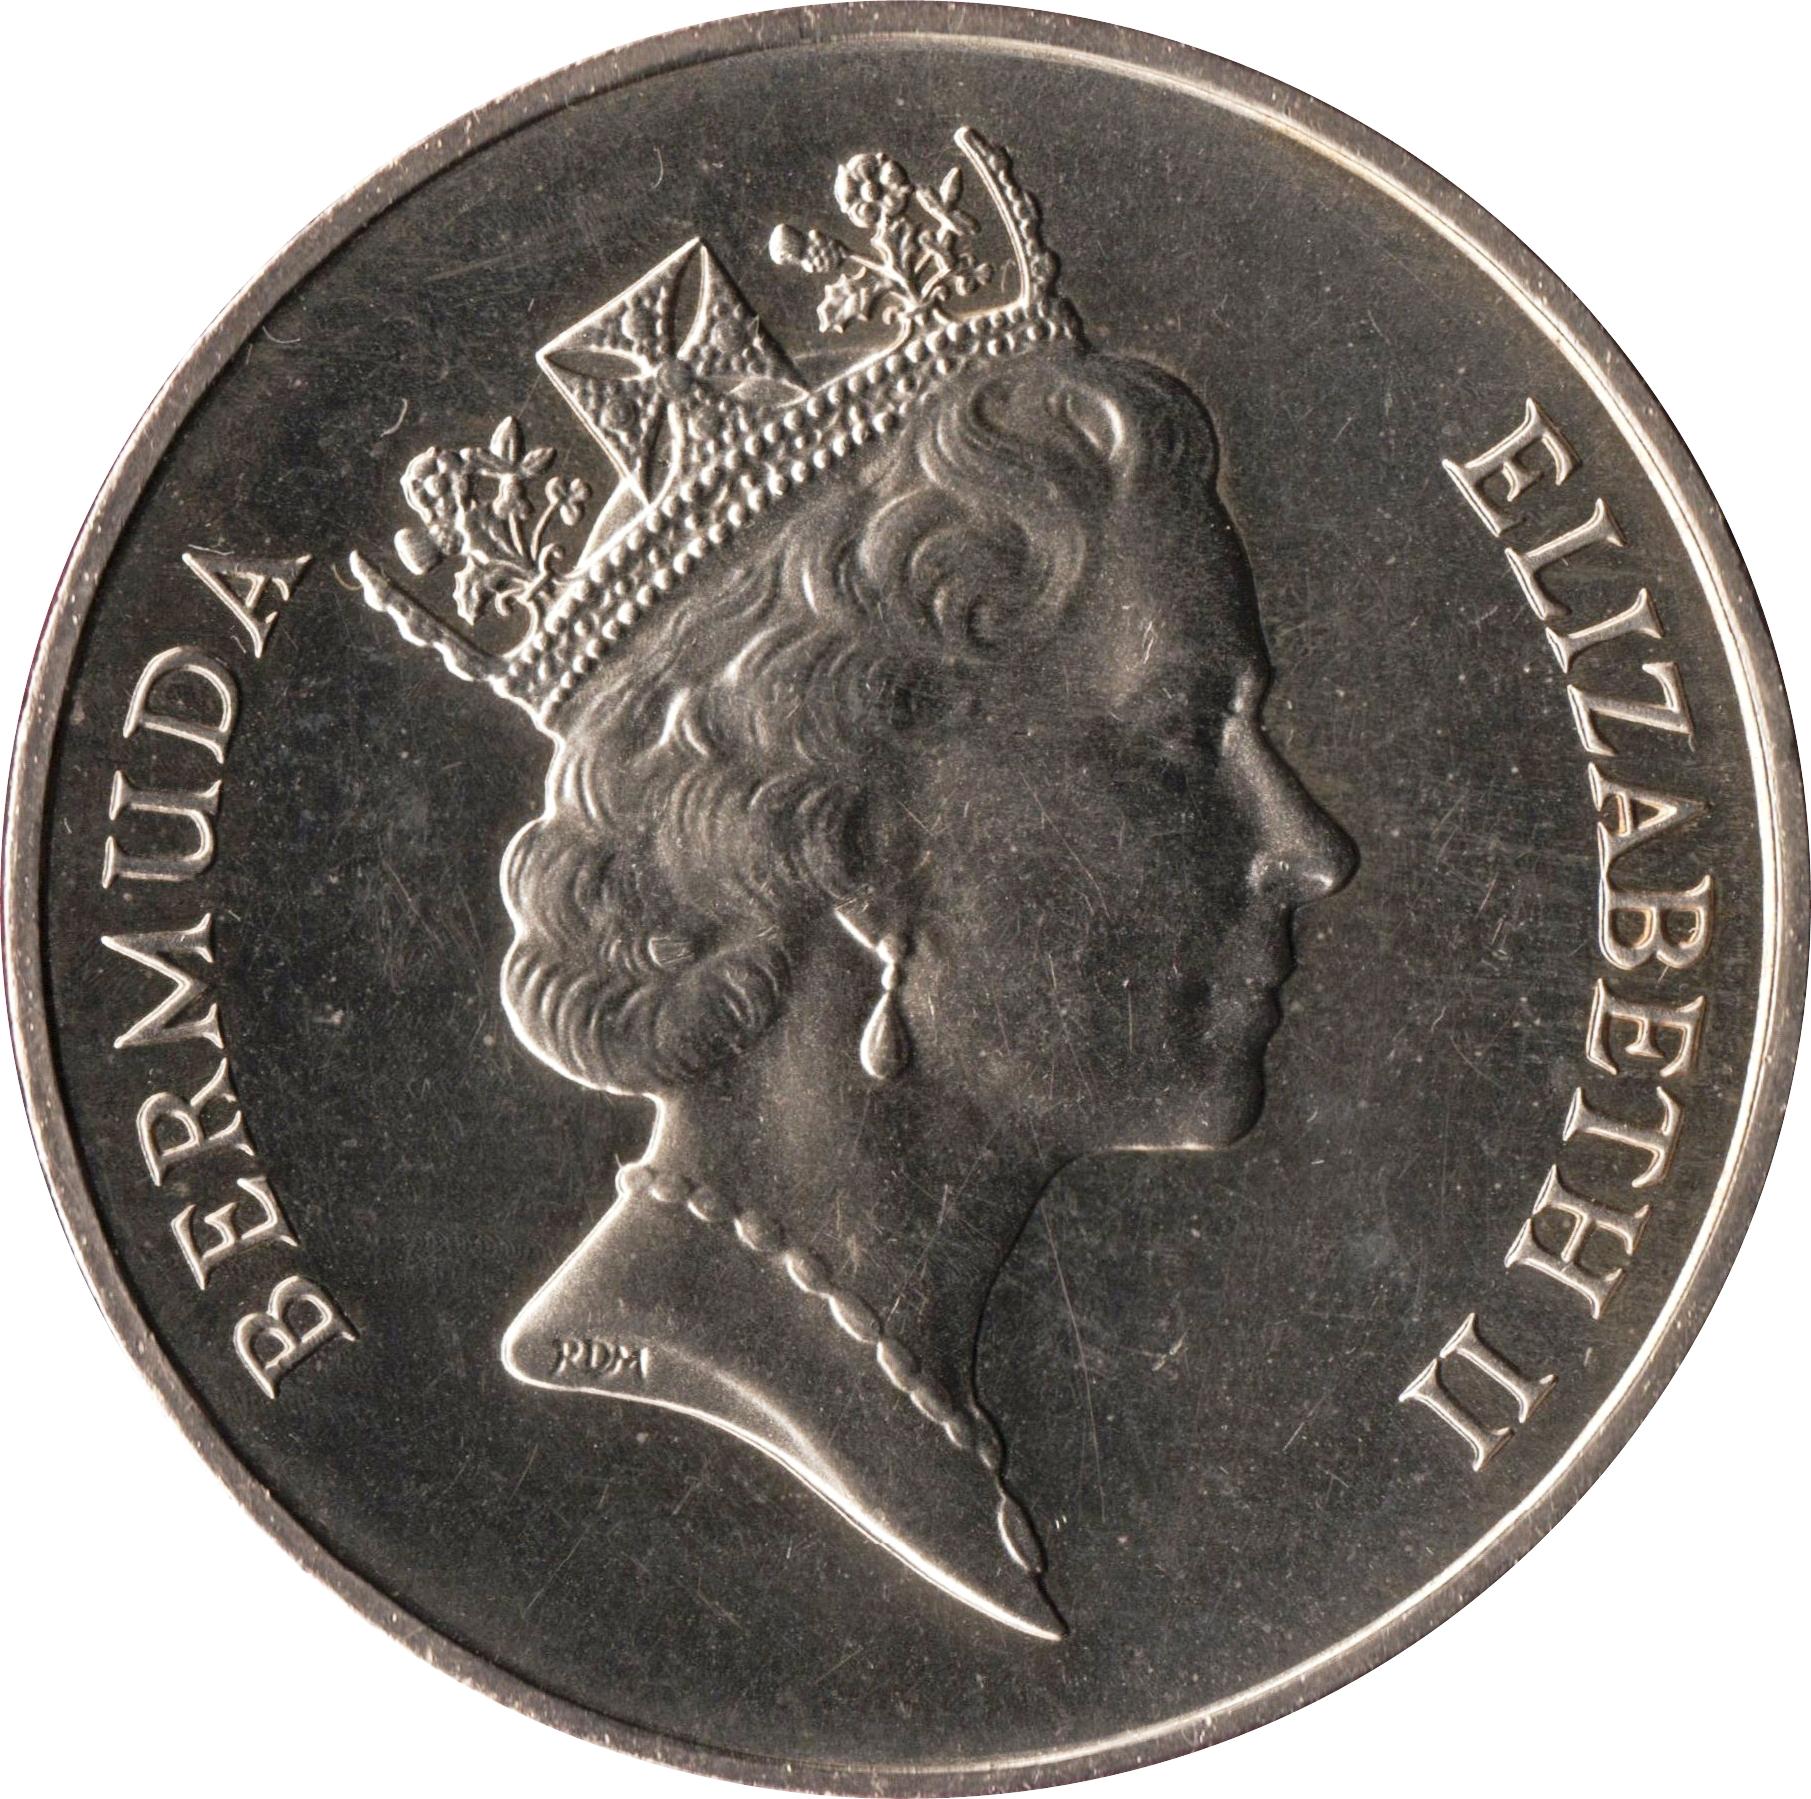 Bermuda Coin 1 Dollar 1985 UNC Cruise Ship Tourism